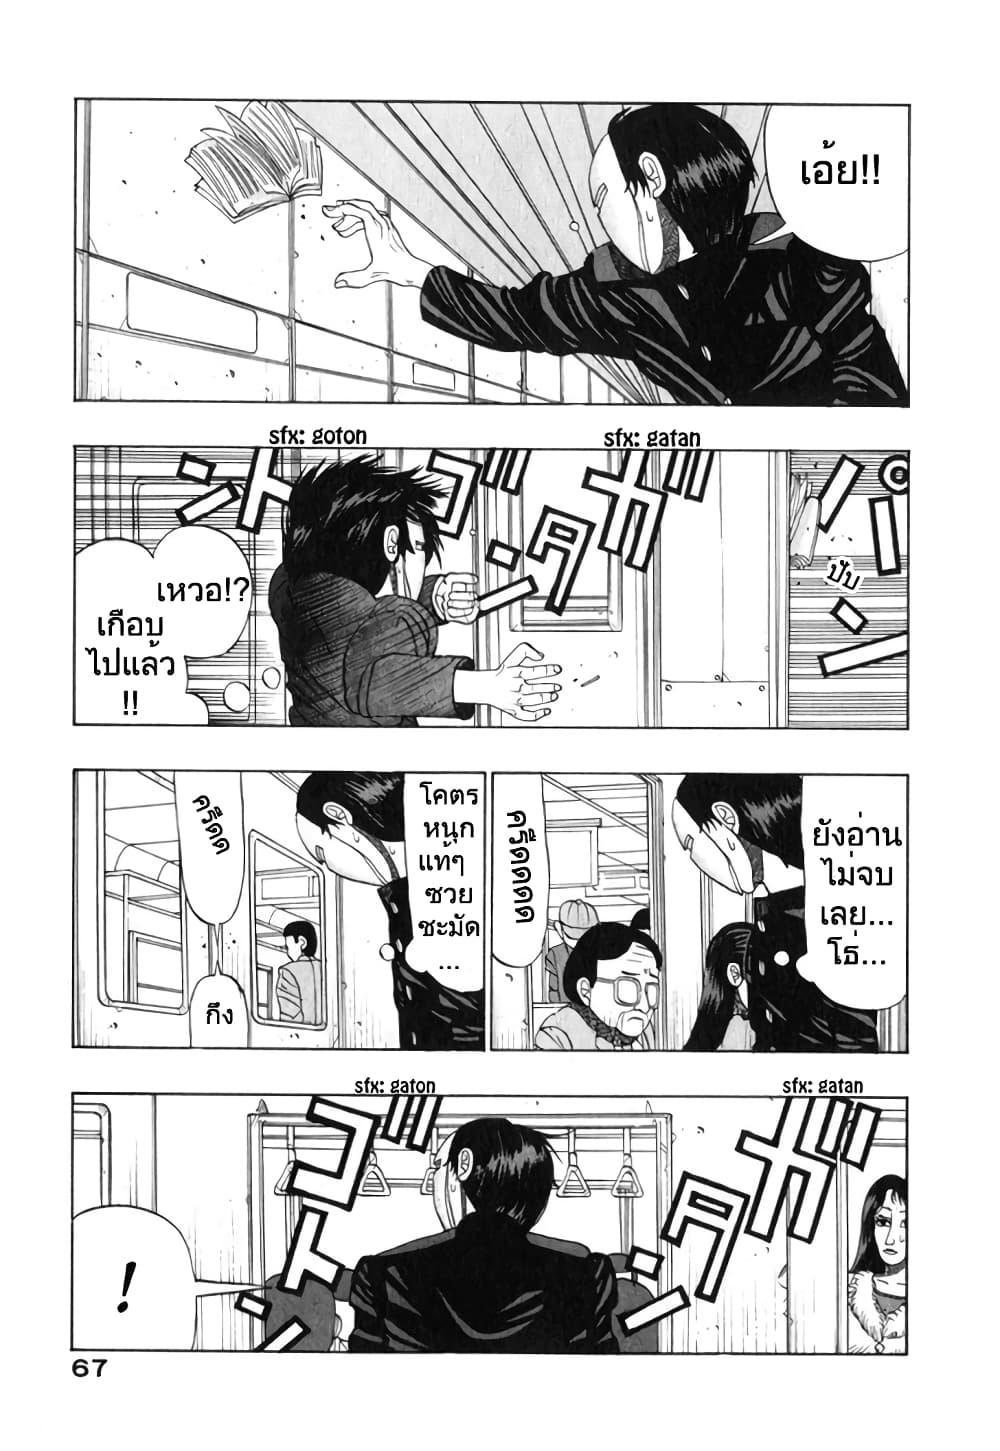 อ่านการ์ตูน Tanikamen ตอนที่ 6 หน้าที่ 5